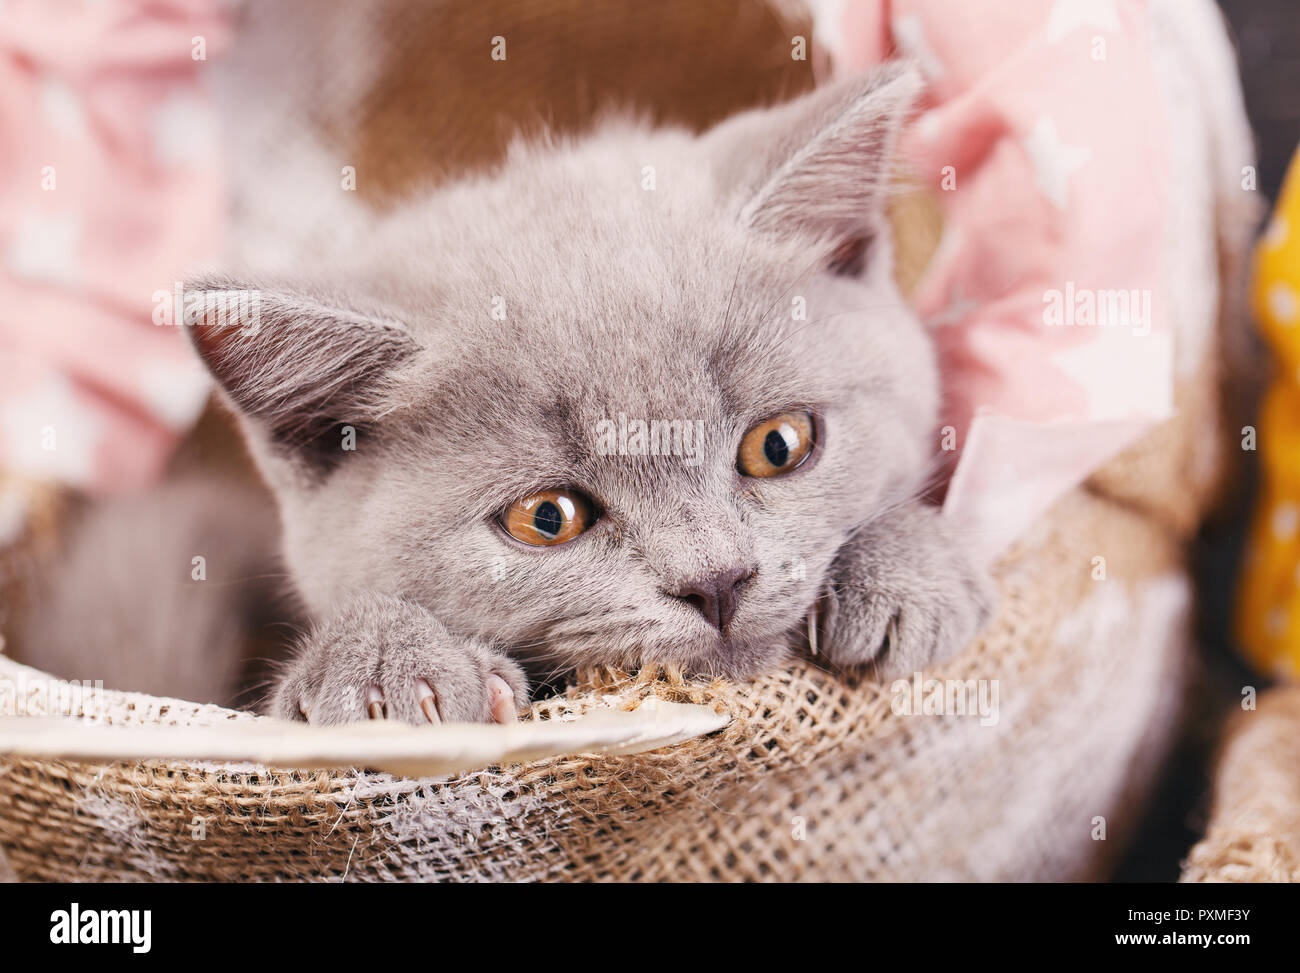 Scottish straight kitten. Photographing a kitten at a photo studio. The kitten looks down. - Stock Image